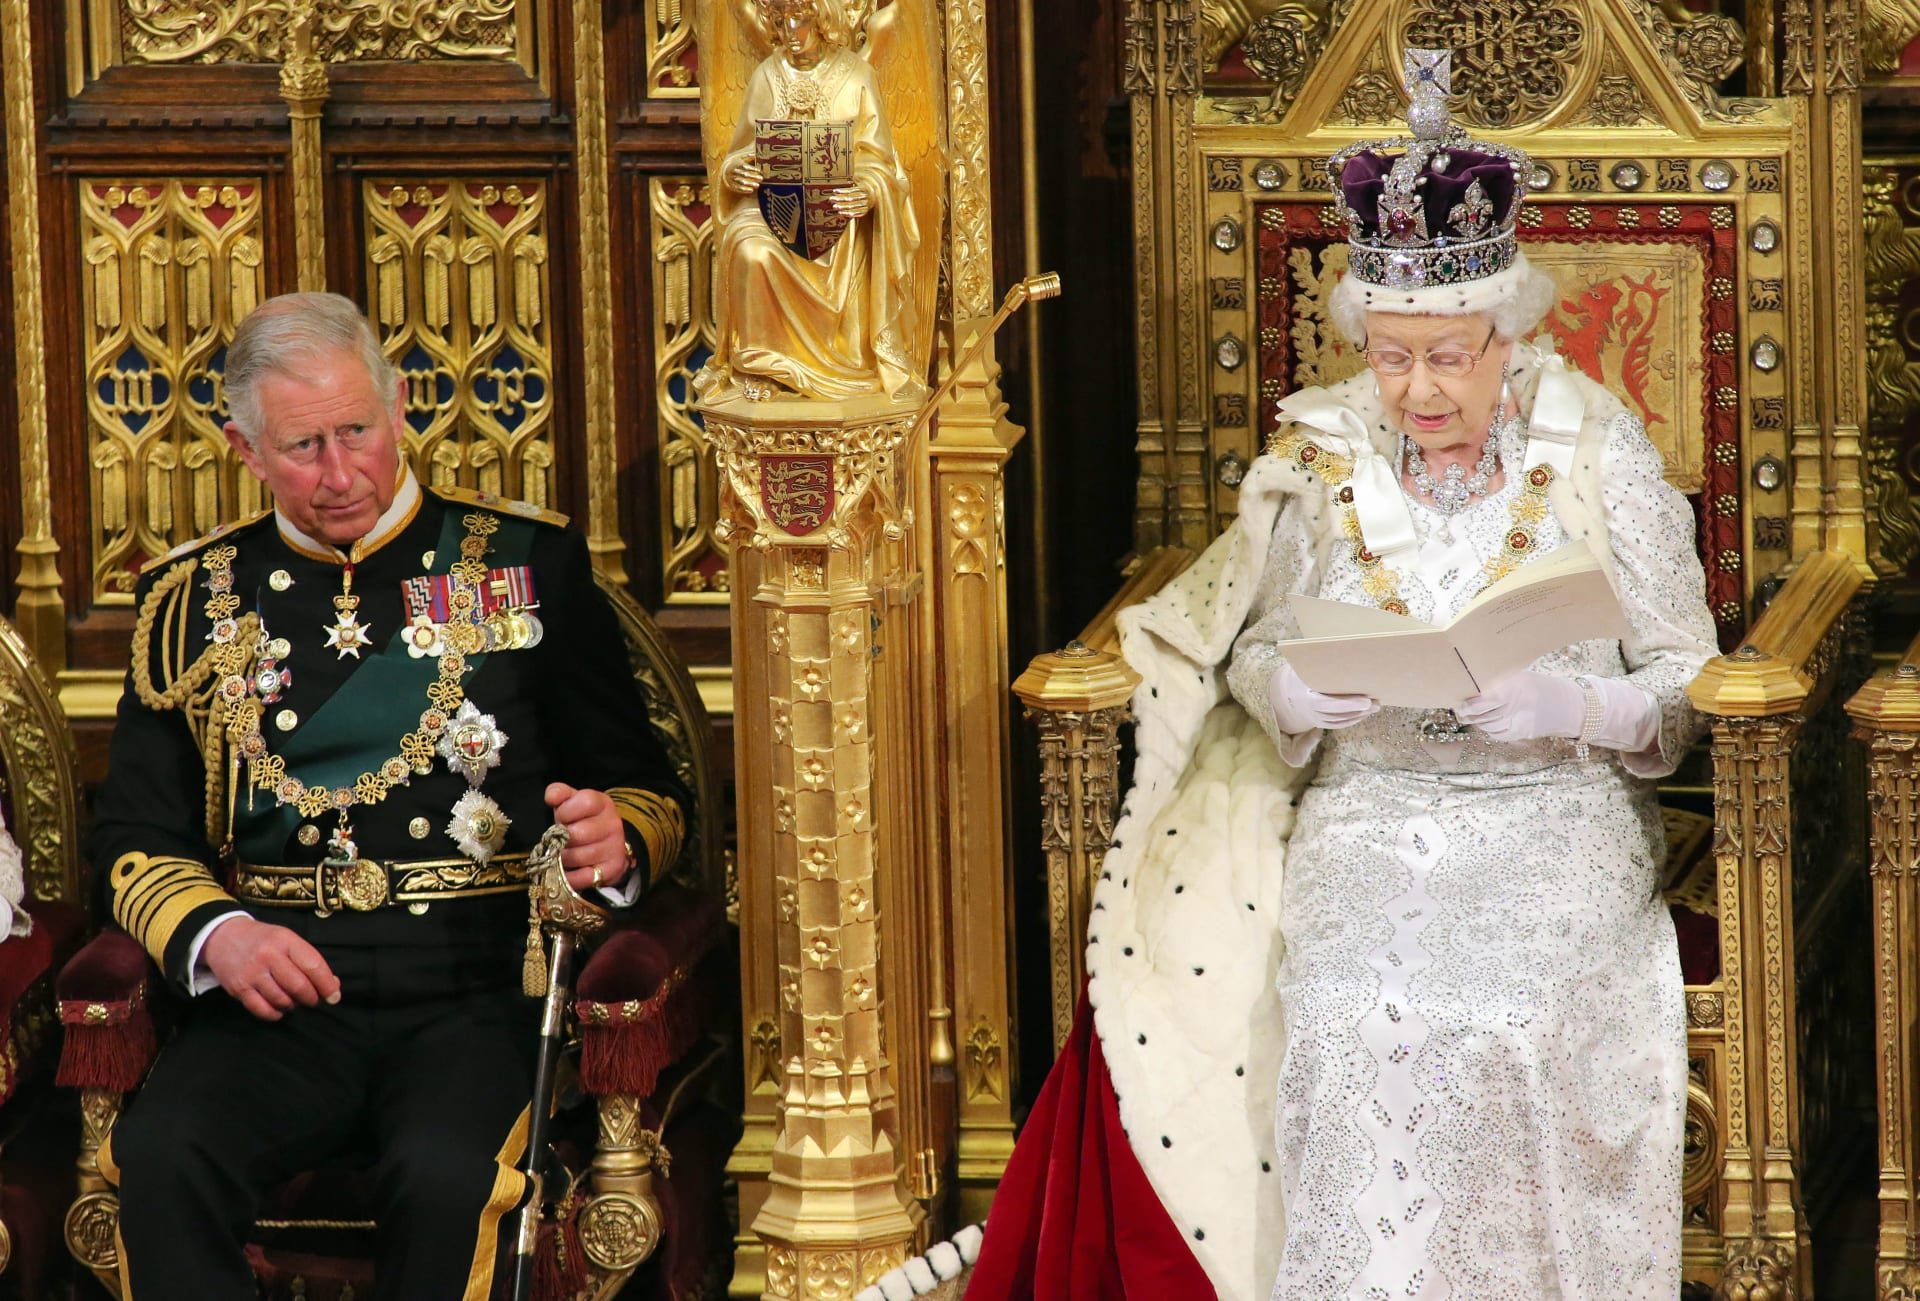 صحف العالم: الملكة اليزابيث تنقل بعض مسؤولياتها للأمير تشارلز